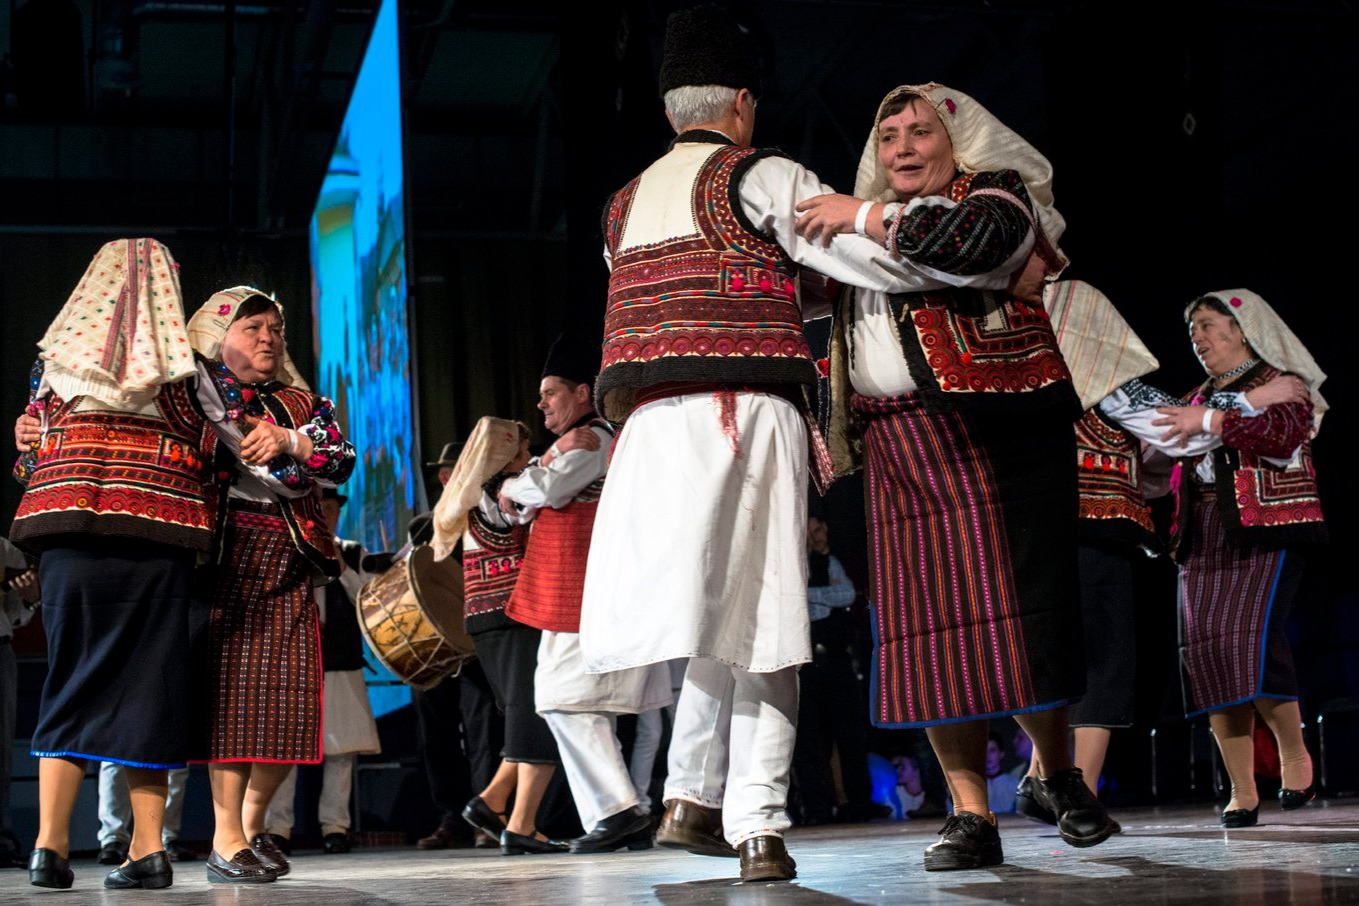 Hagyományőrző moldvai csángók táncelőadása a XX. Csángó Bálon a fővárosi Syma rendezvényközpontban 2016. január 30-án este.MTI Fotó: Kallos Bea